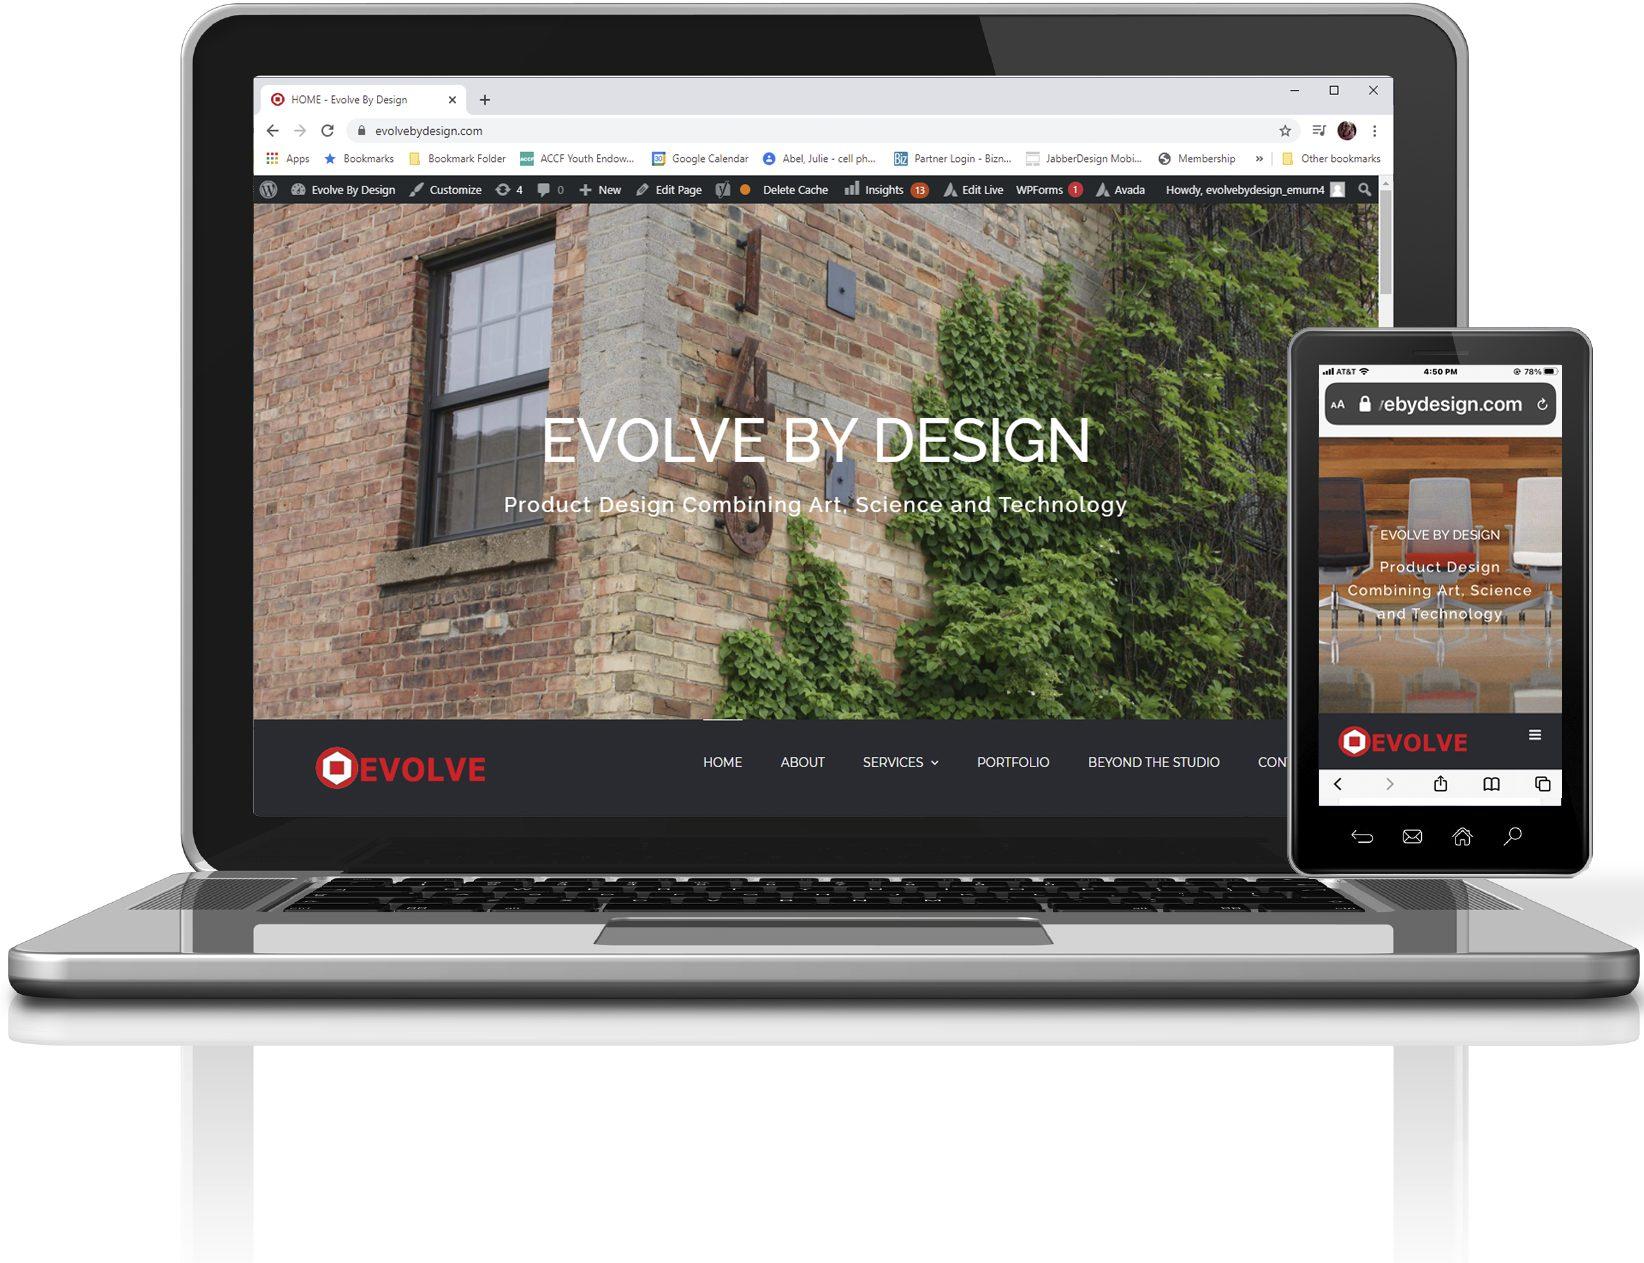 Evolve By Design Responsive Website designed by JabberDesign